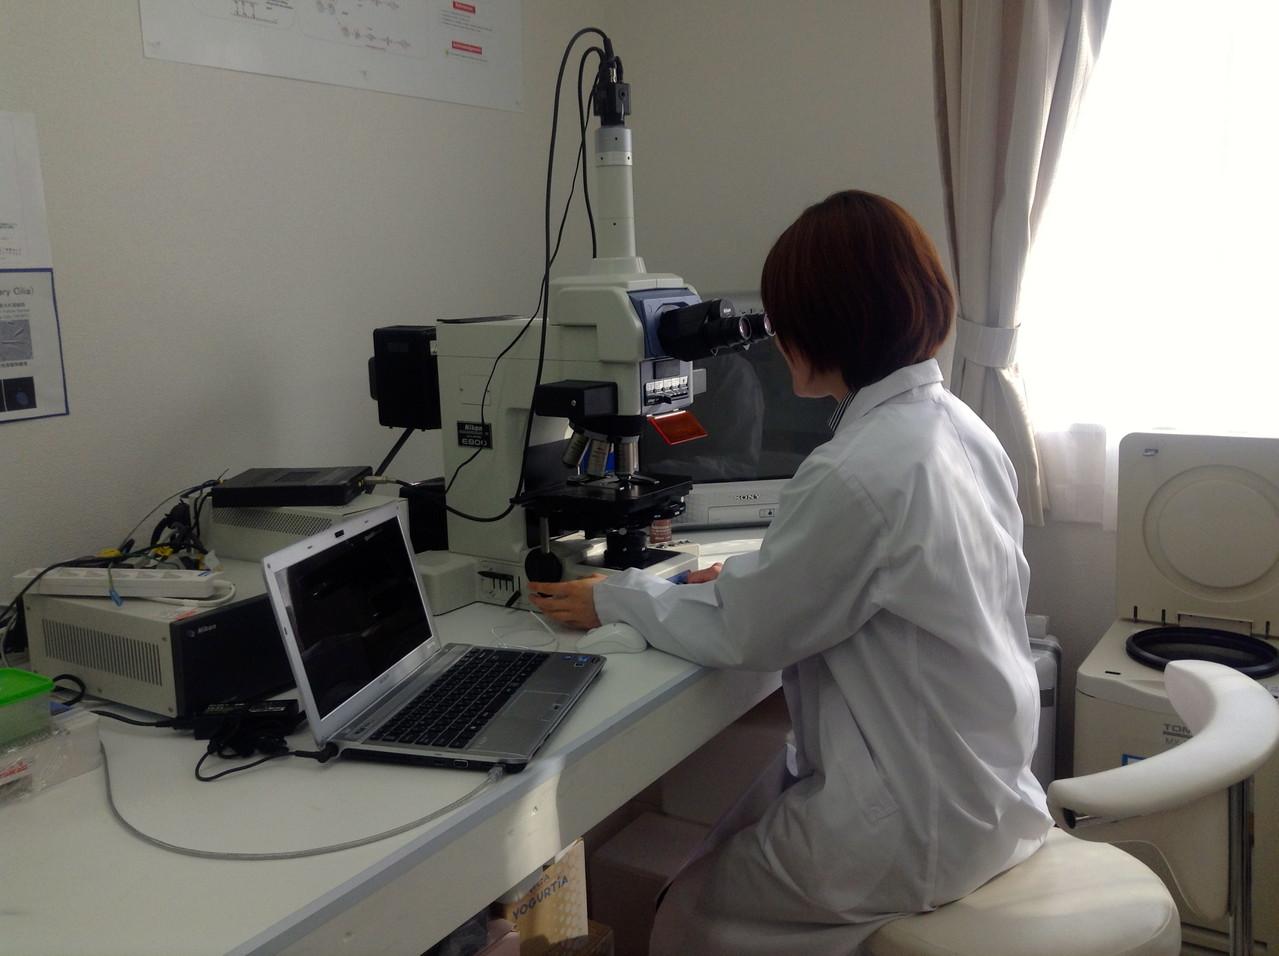 細胞内の可視化を初めてとらえた電子顕微鏡